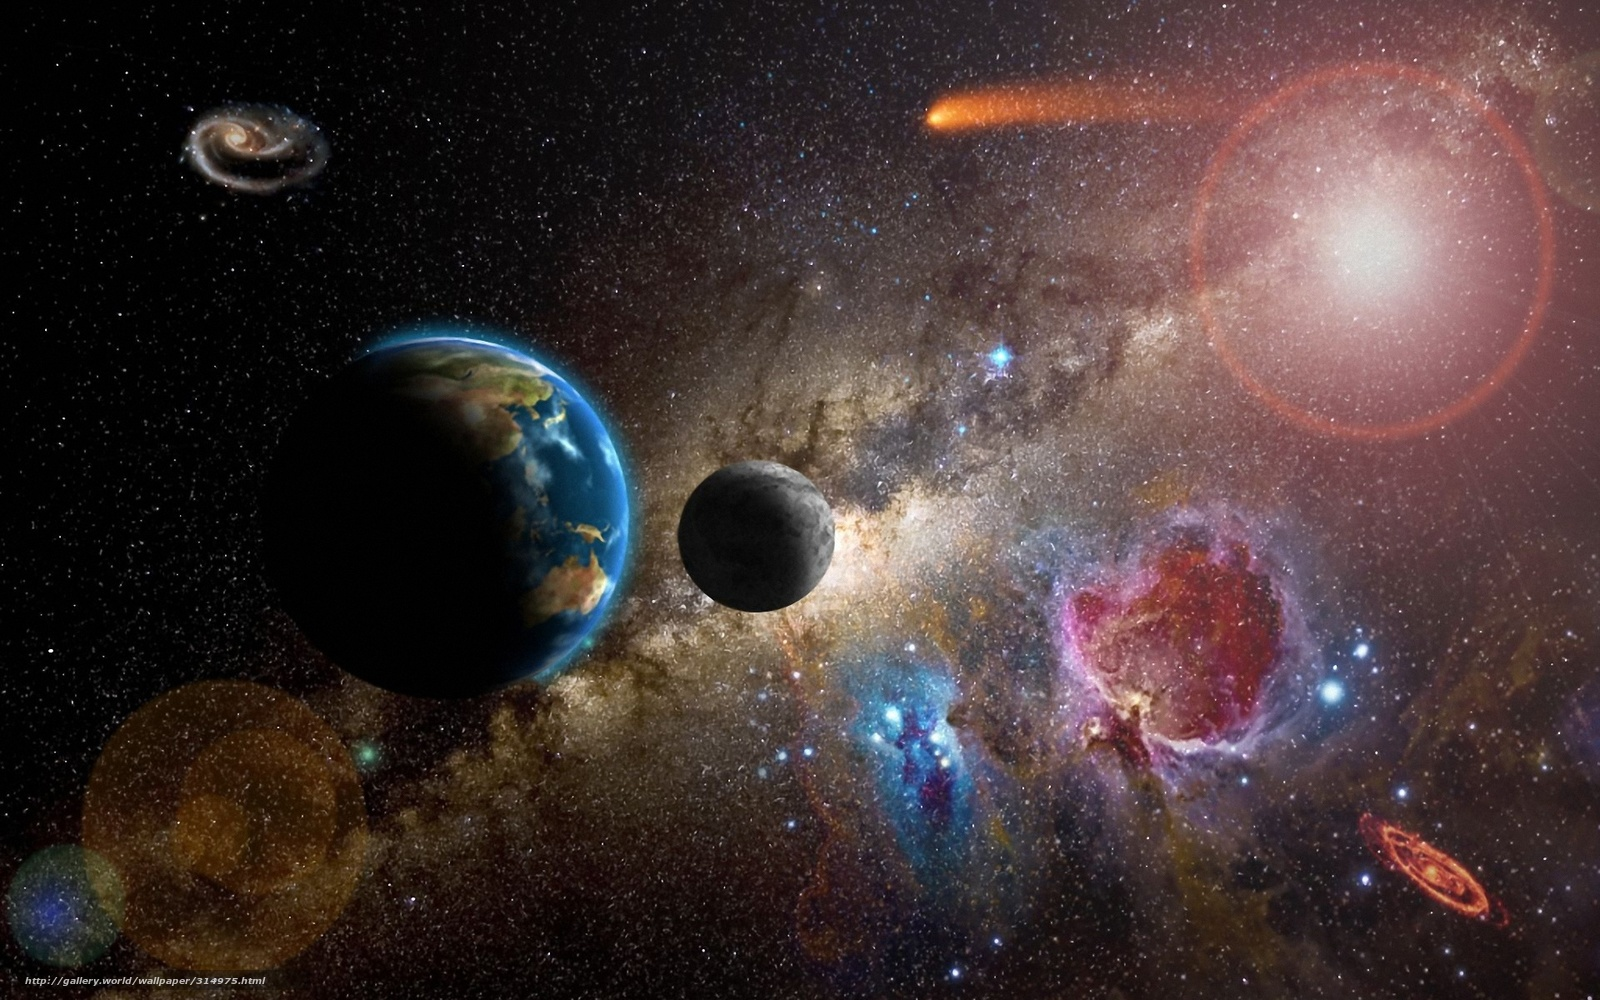 Scaricare gli sfondi terra sullo sfondo costellazioni for Sfondi pianeti hd